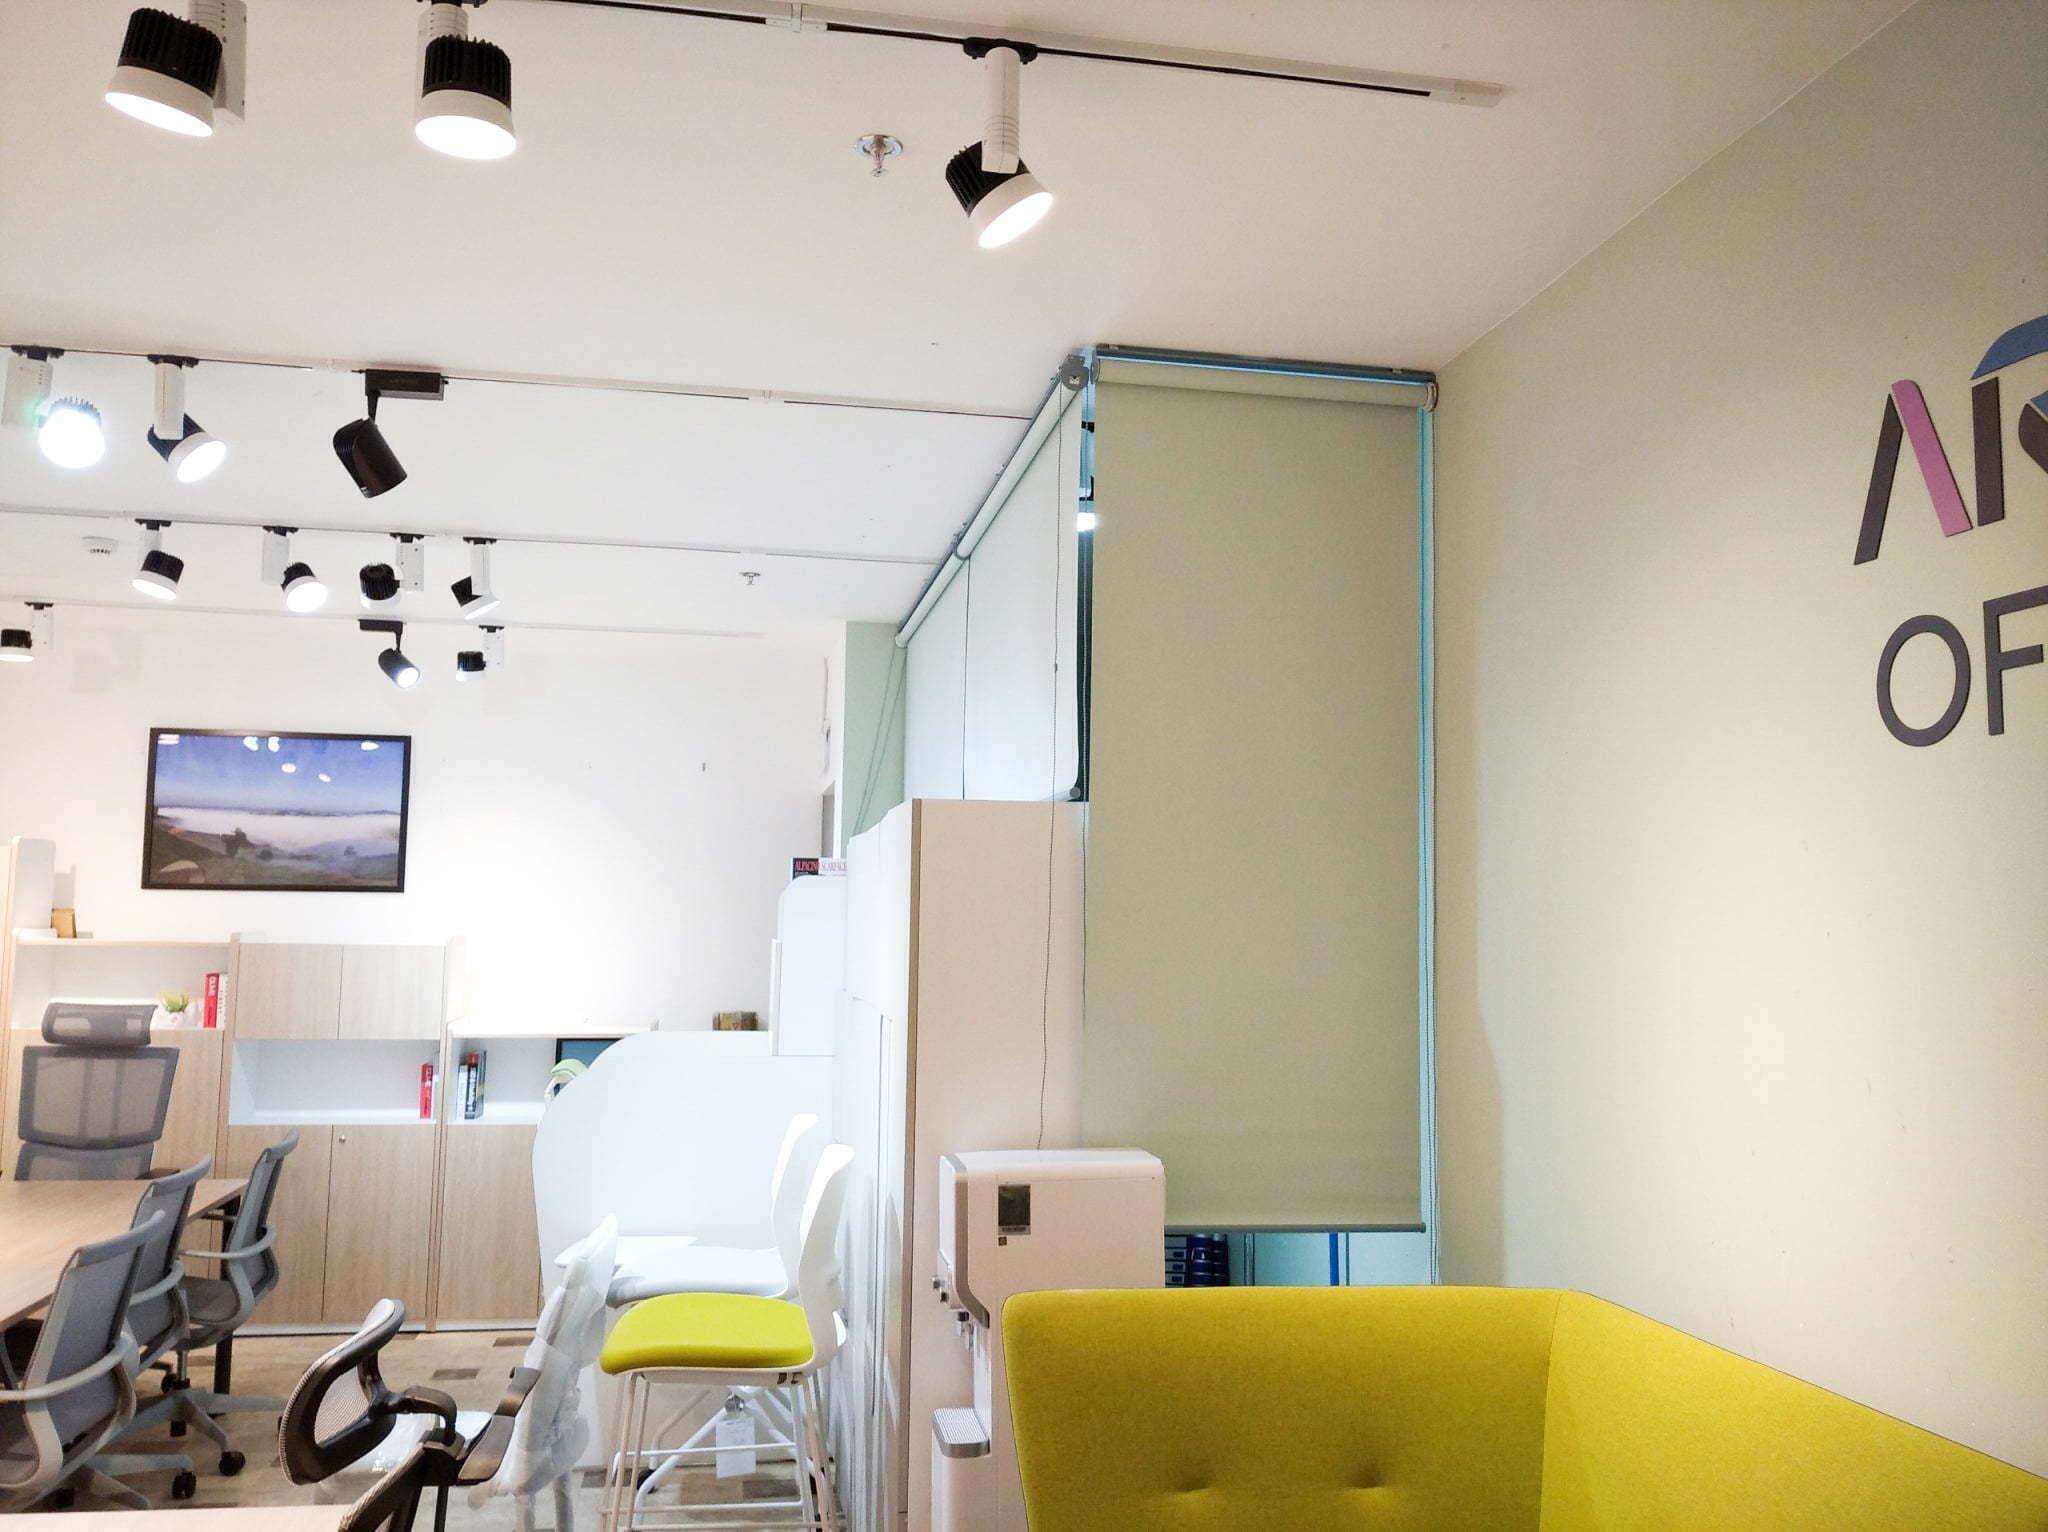 Rèm cuốn văn phòng màu xanh da trời | Vinarem